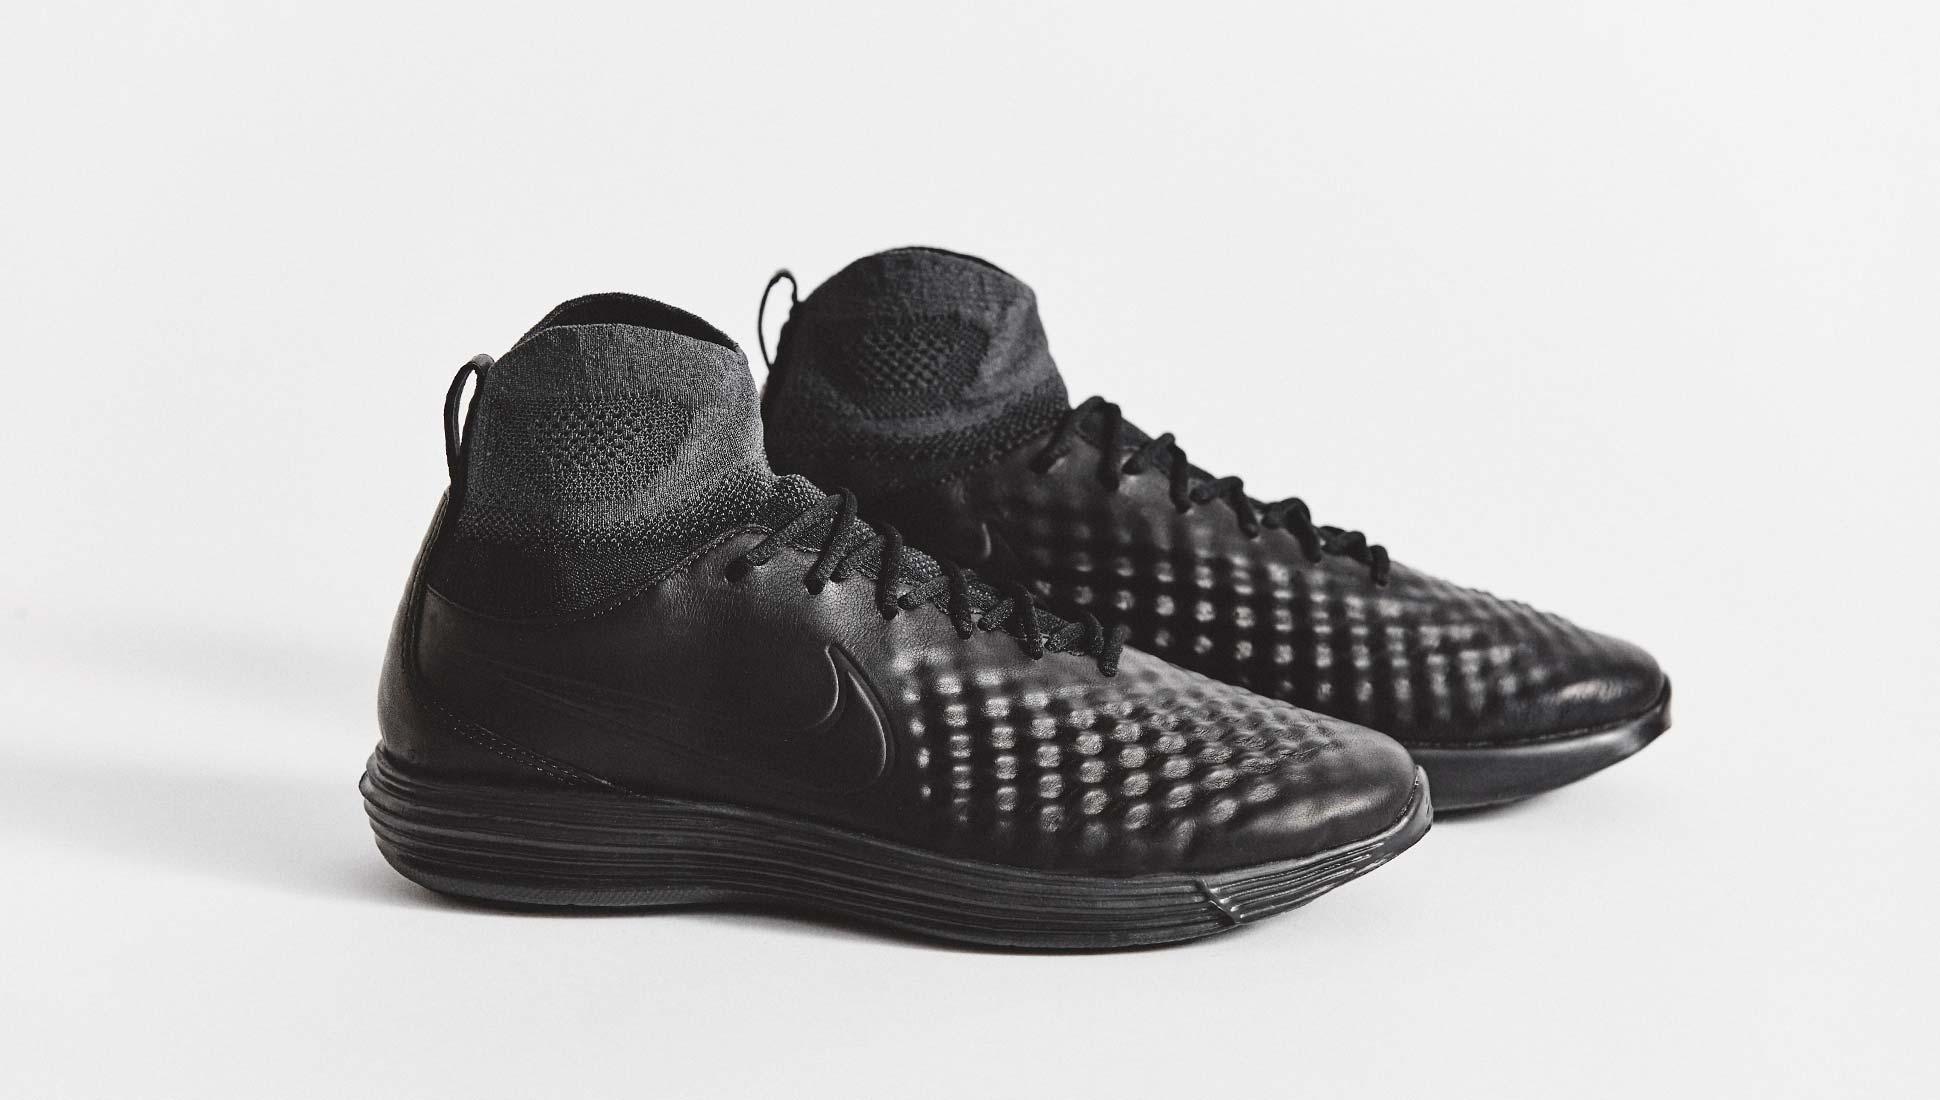 ed88cf48a326d Nike Lunar Magista II Flyknit Black Sneakers - SoccerBible